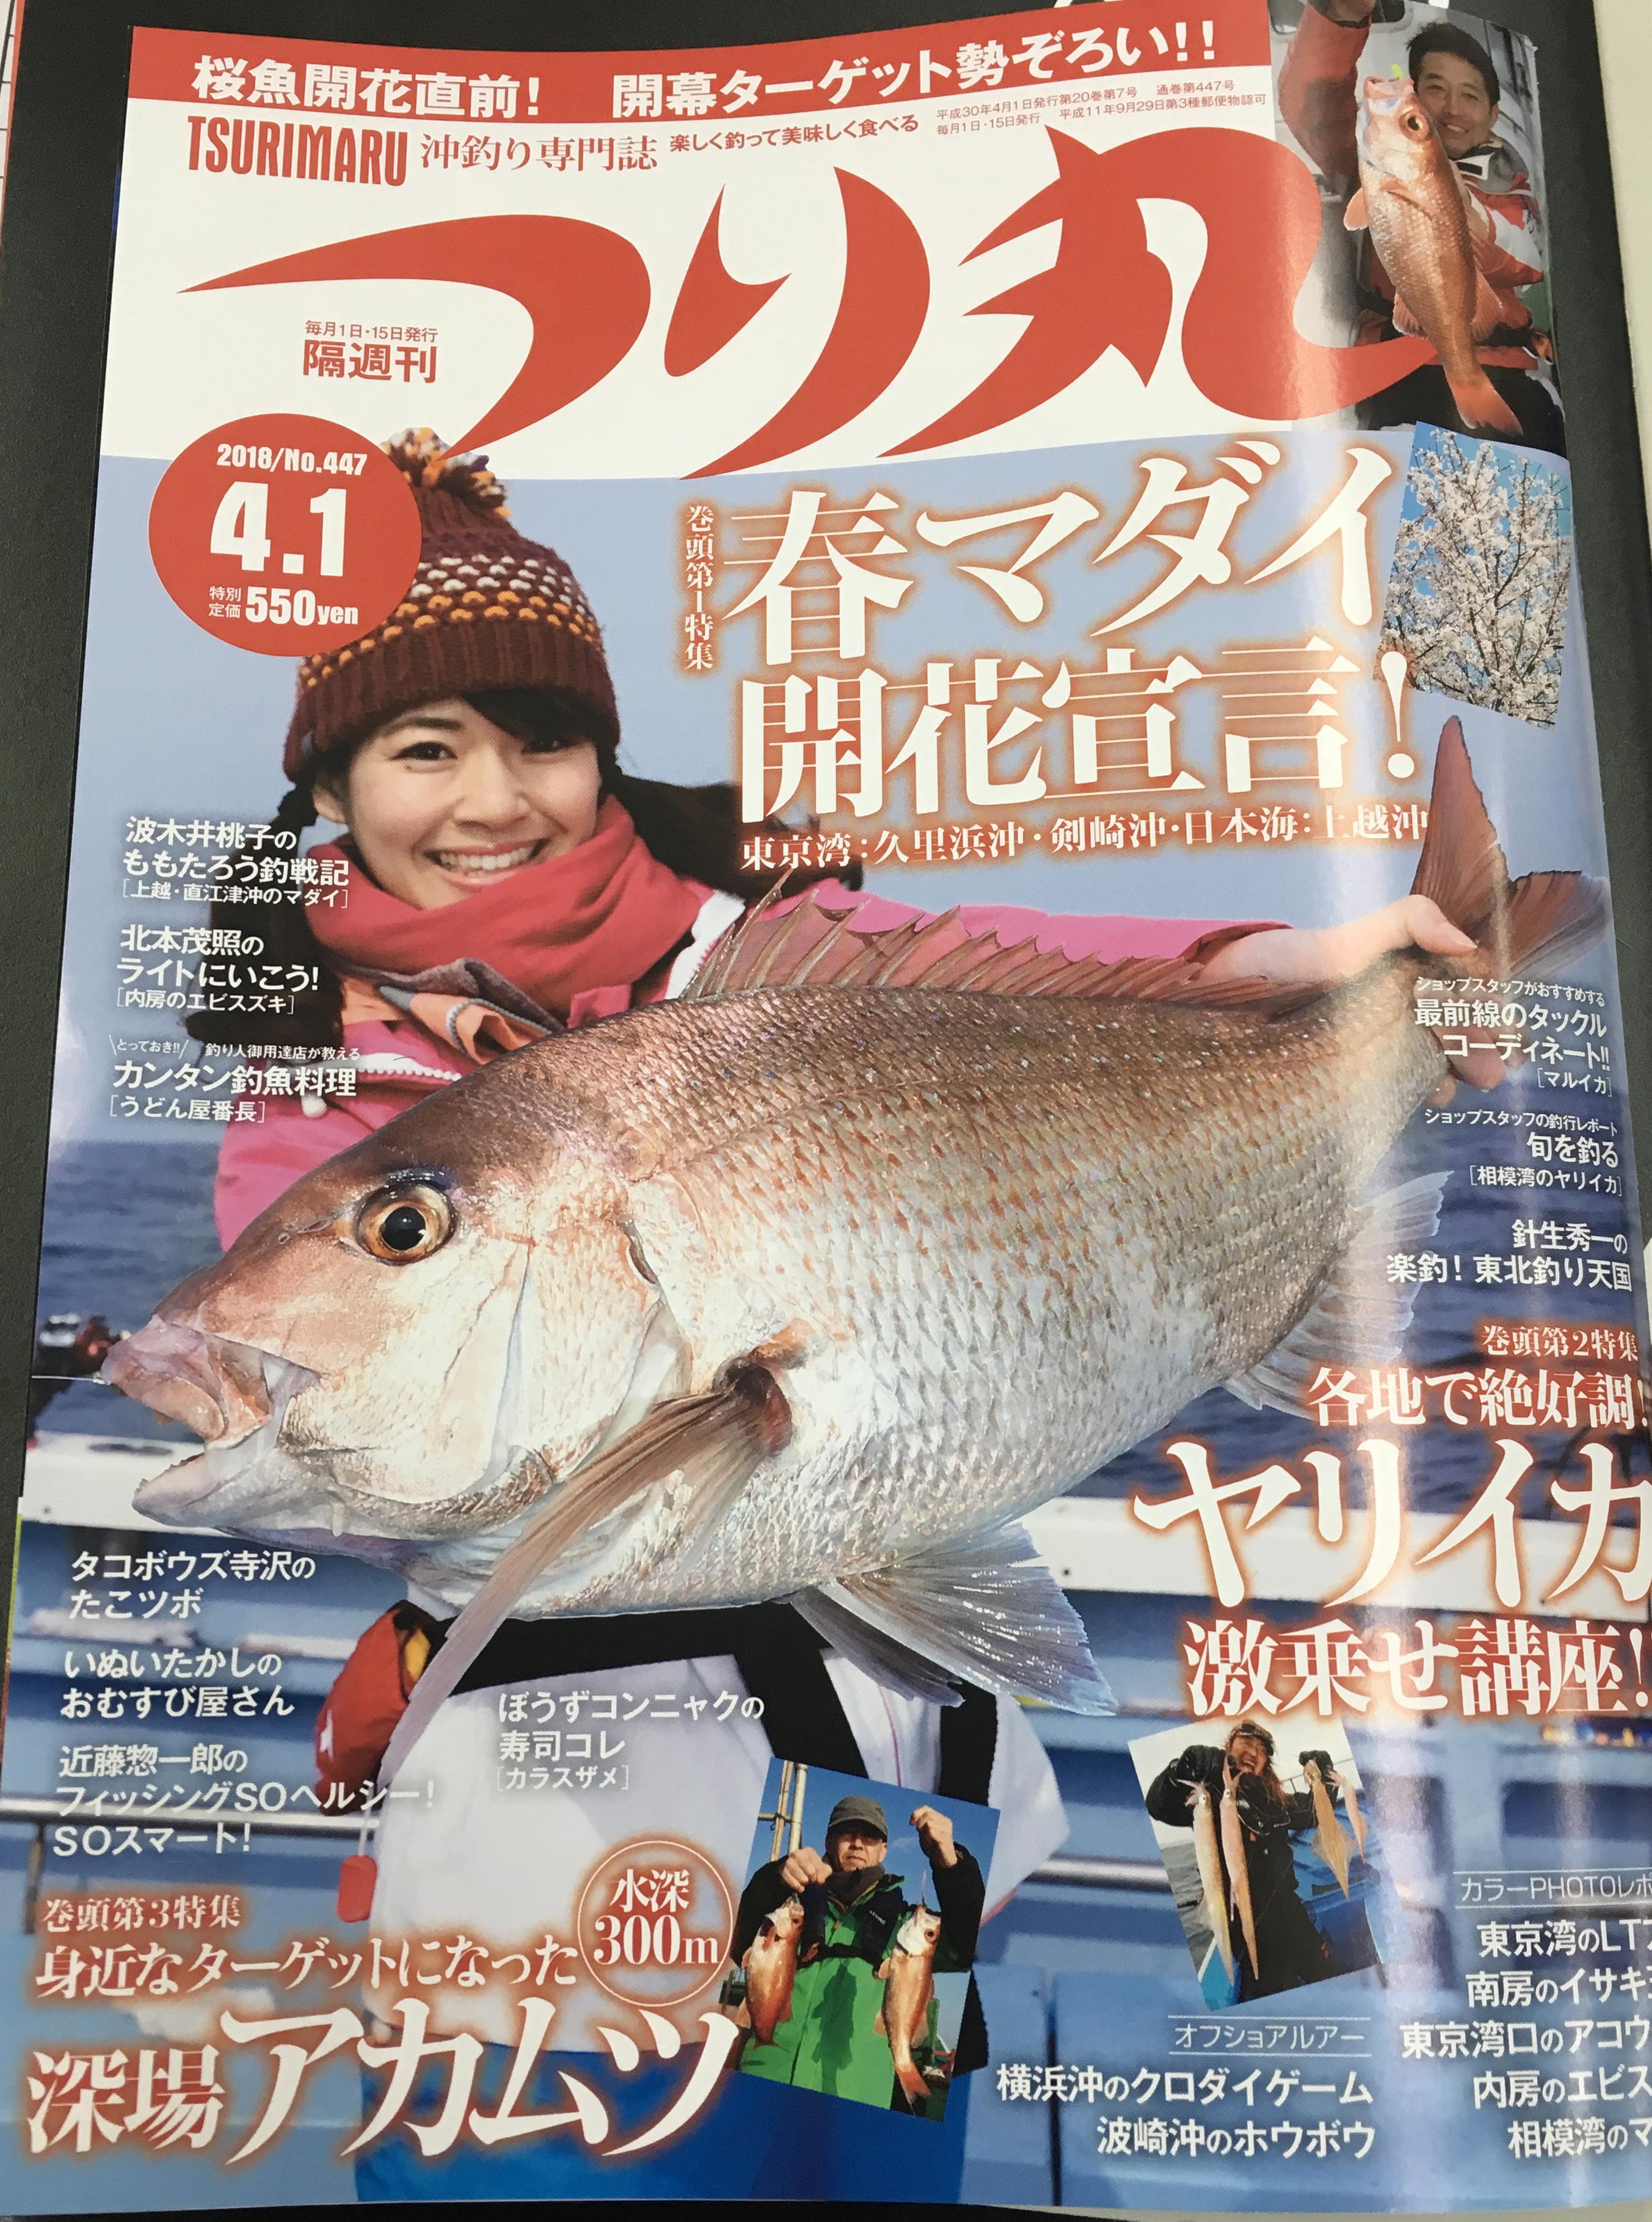 スタッフ小澤掲載!マガジン・マガジン『つり丸 2018年4/1号』